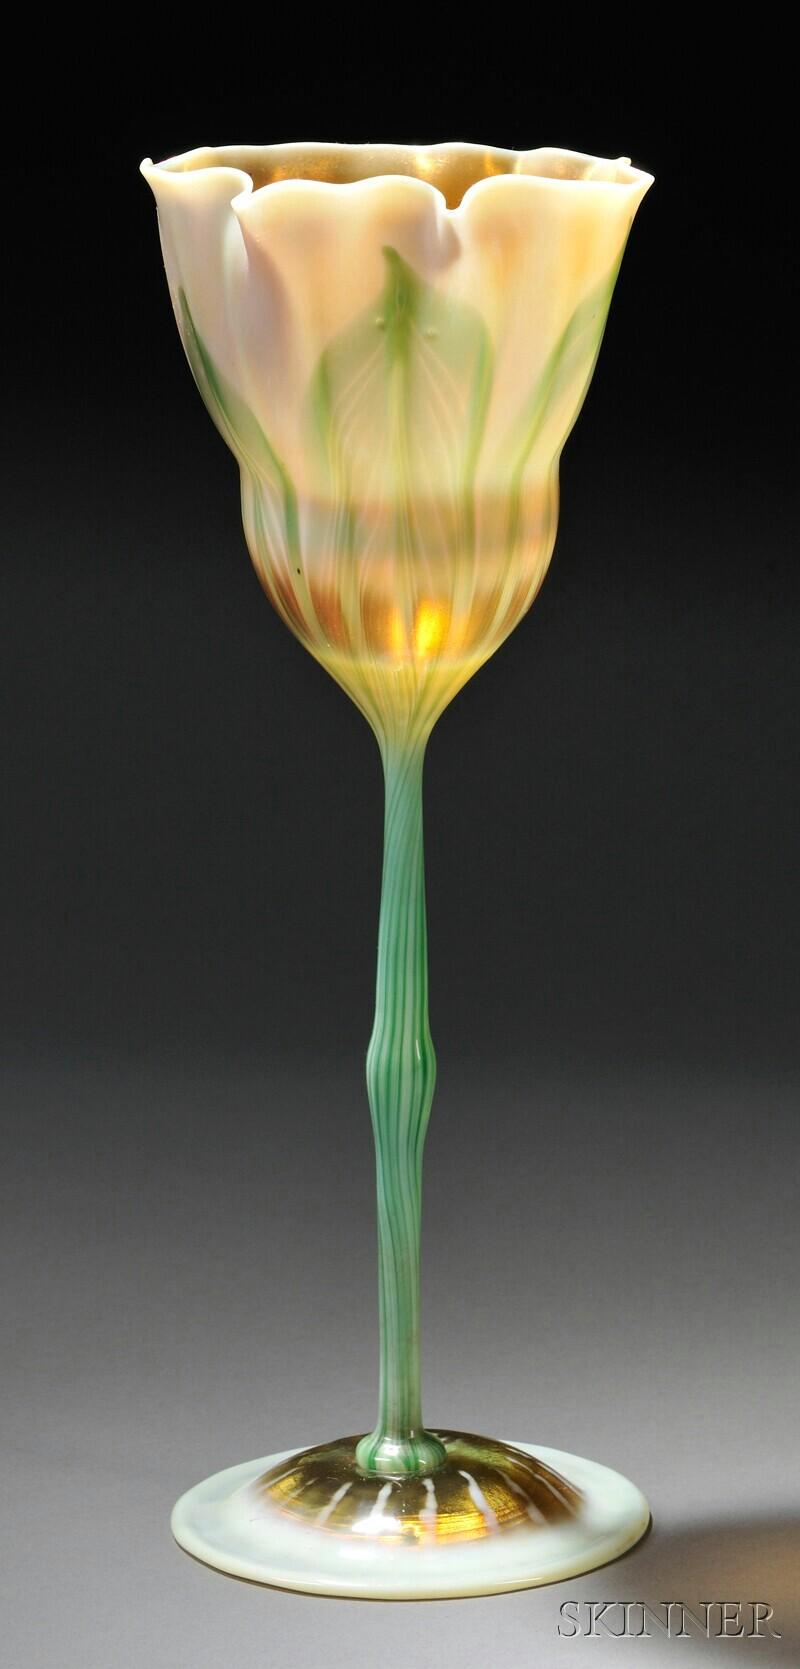 tiffany floriform vase sale number 2626b lot number 148 skinner auctioneers. Black Bedroom Furniture Sets. Home Design Ideas